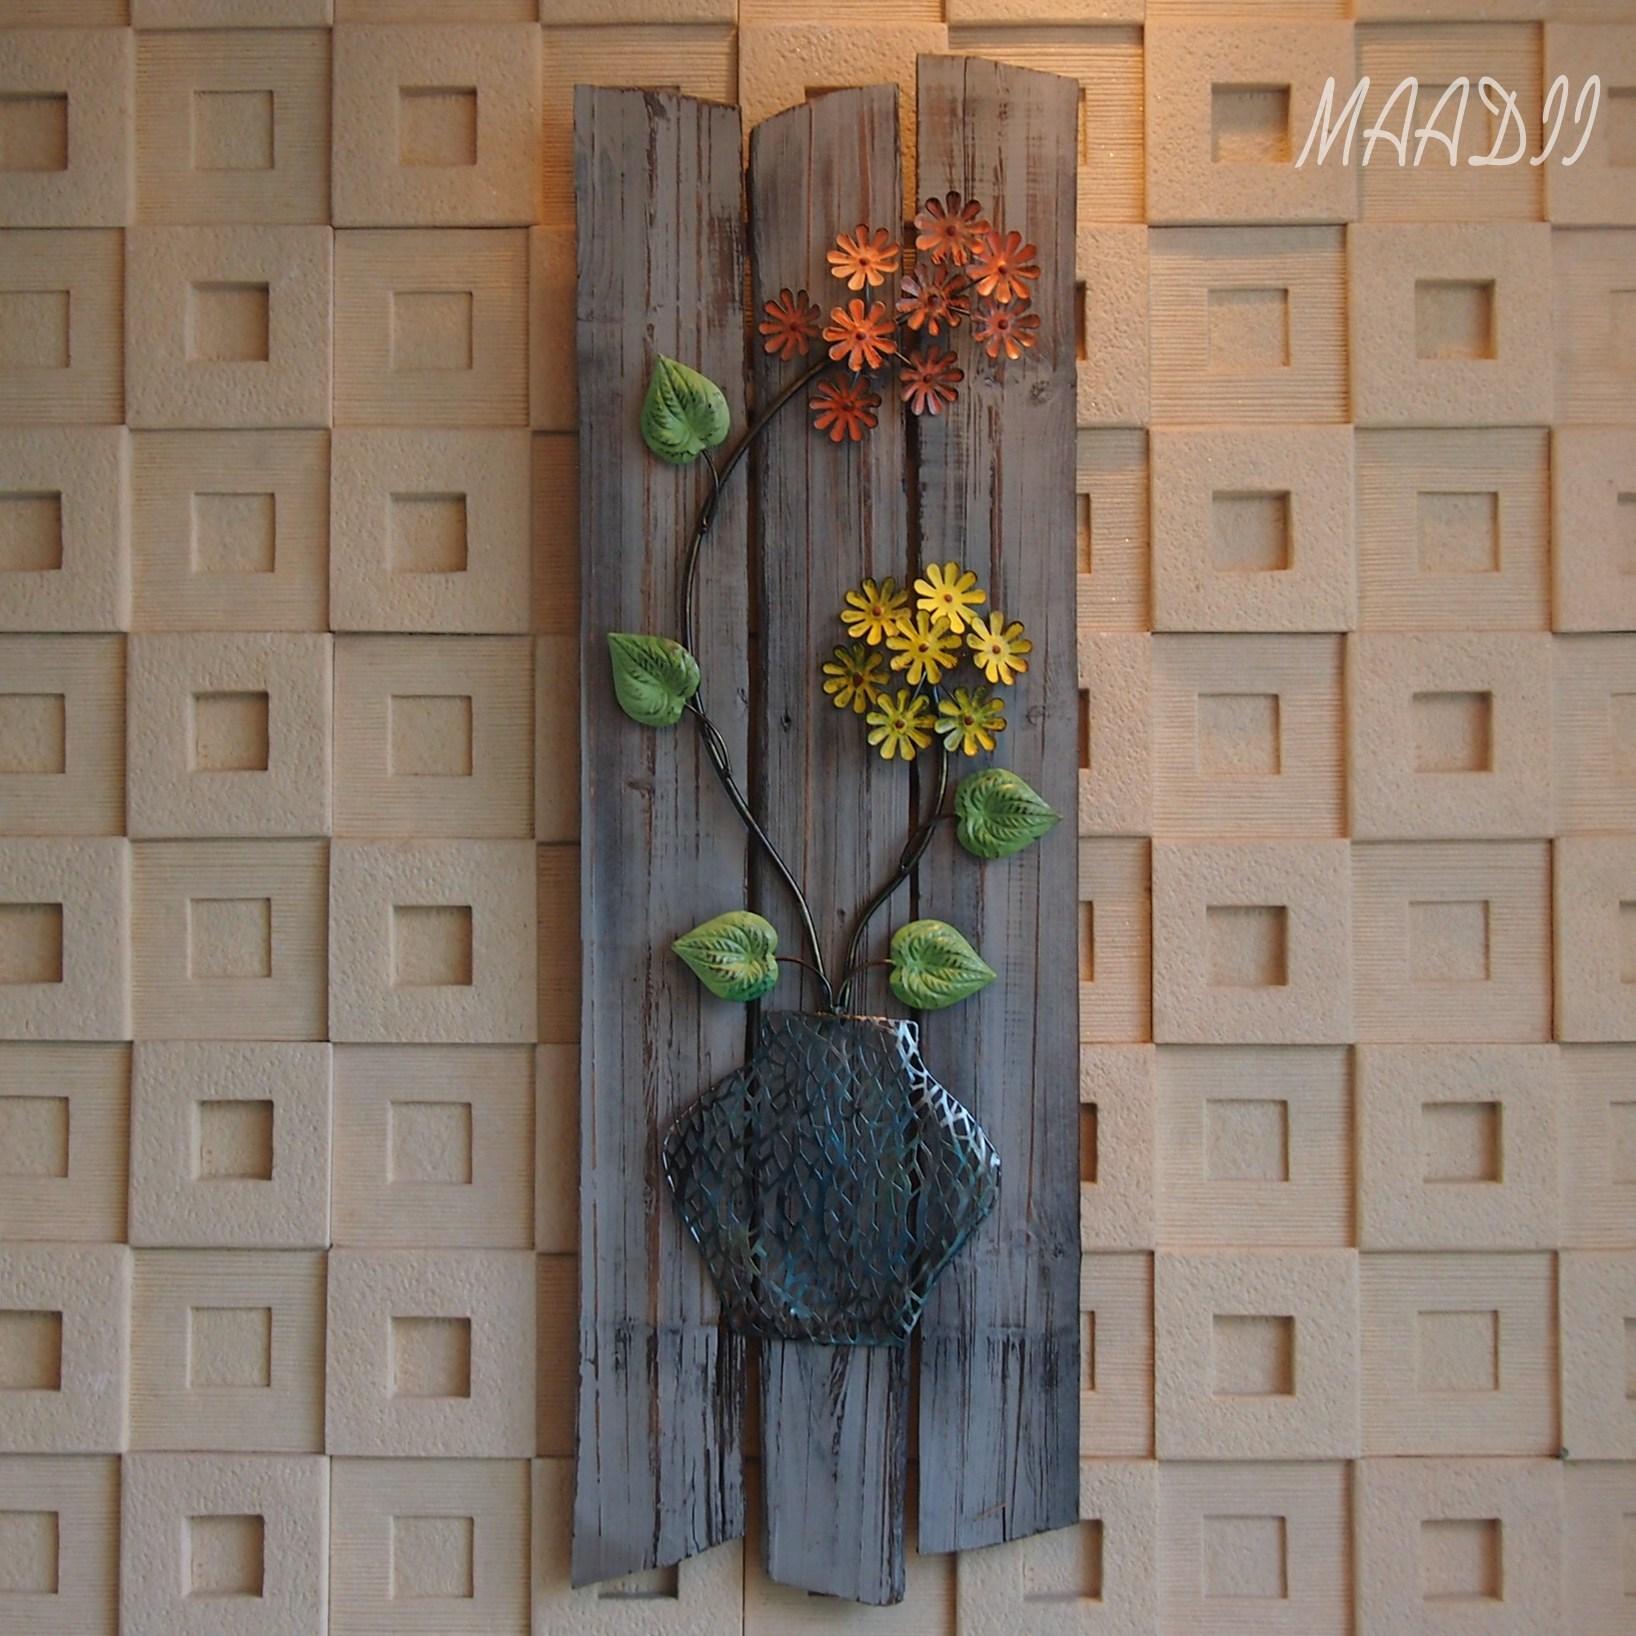 漫邸欧式特色复古木质铁艺壁挂壁饰创意墙上装饰品背景墙饰品挂饰图片